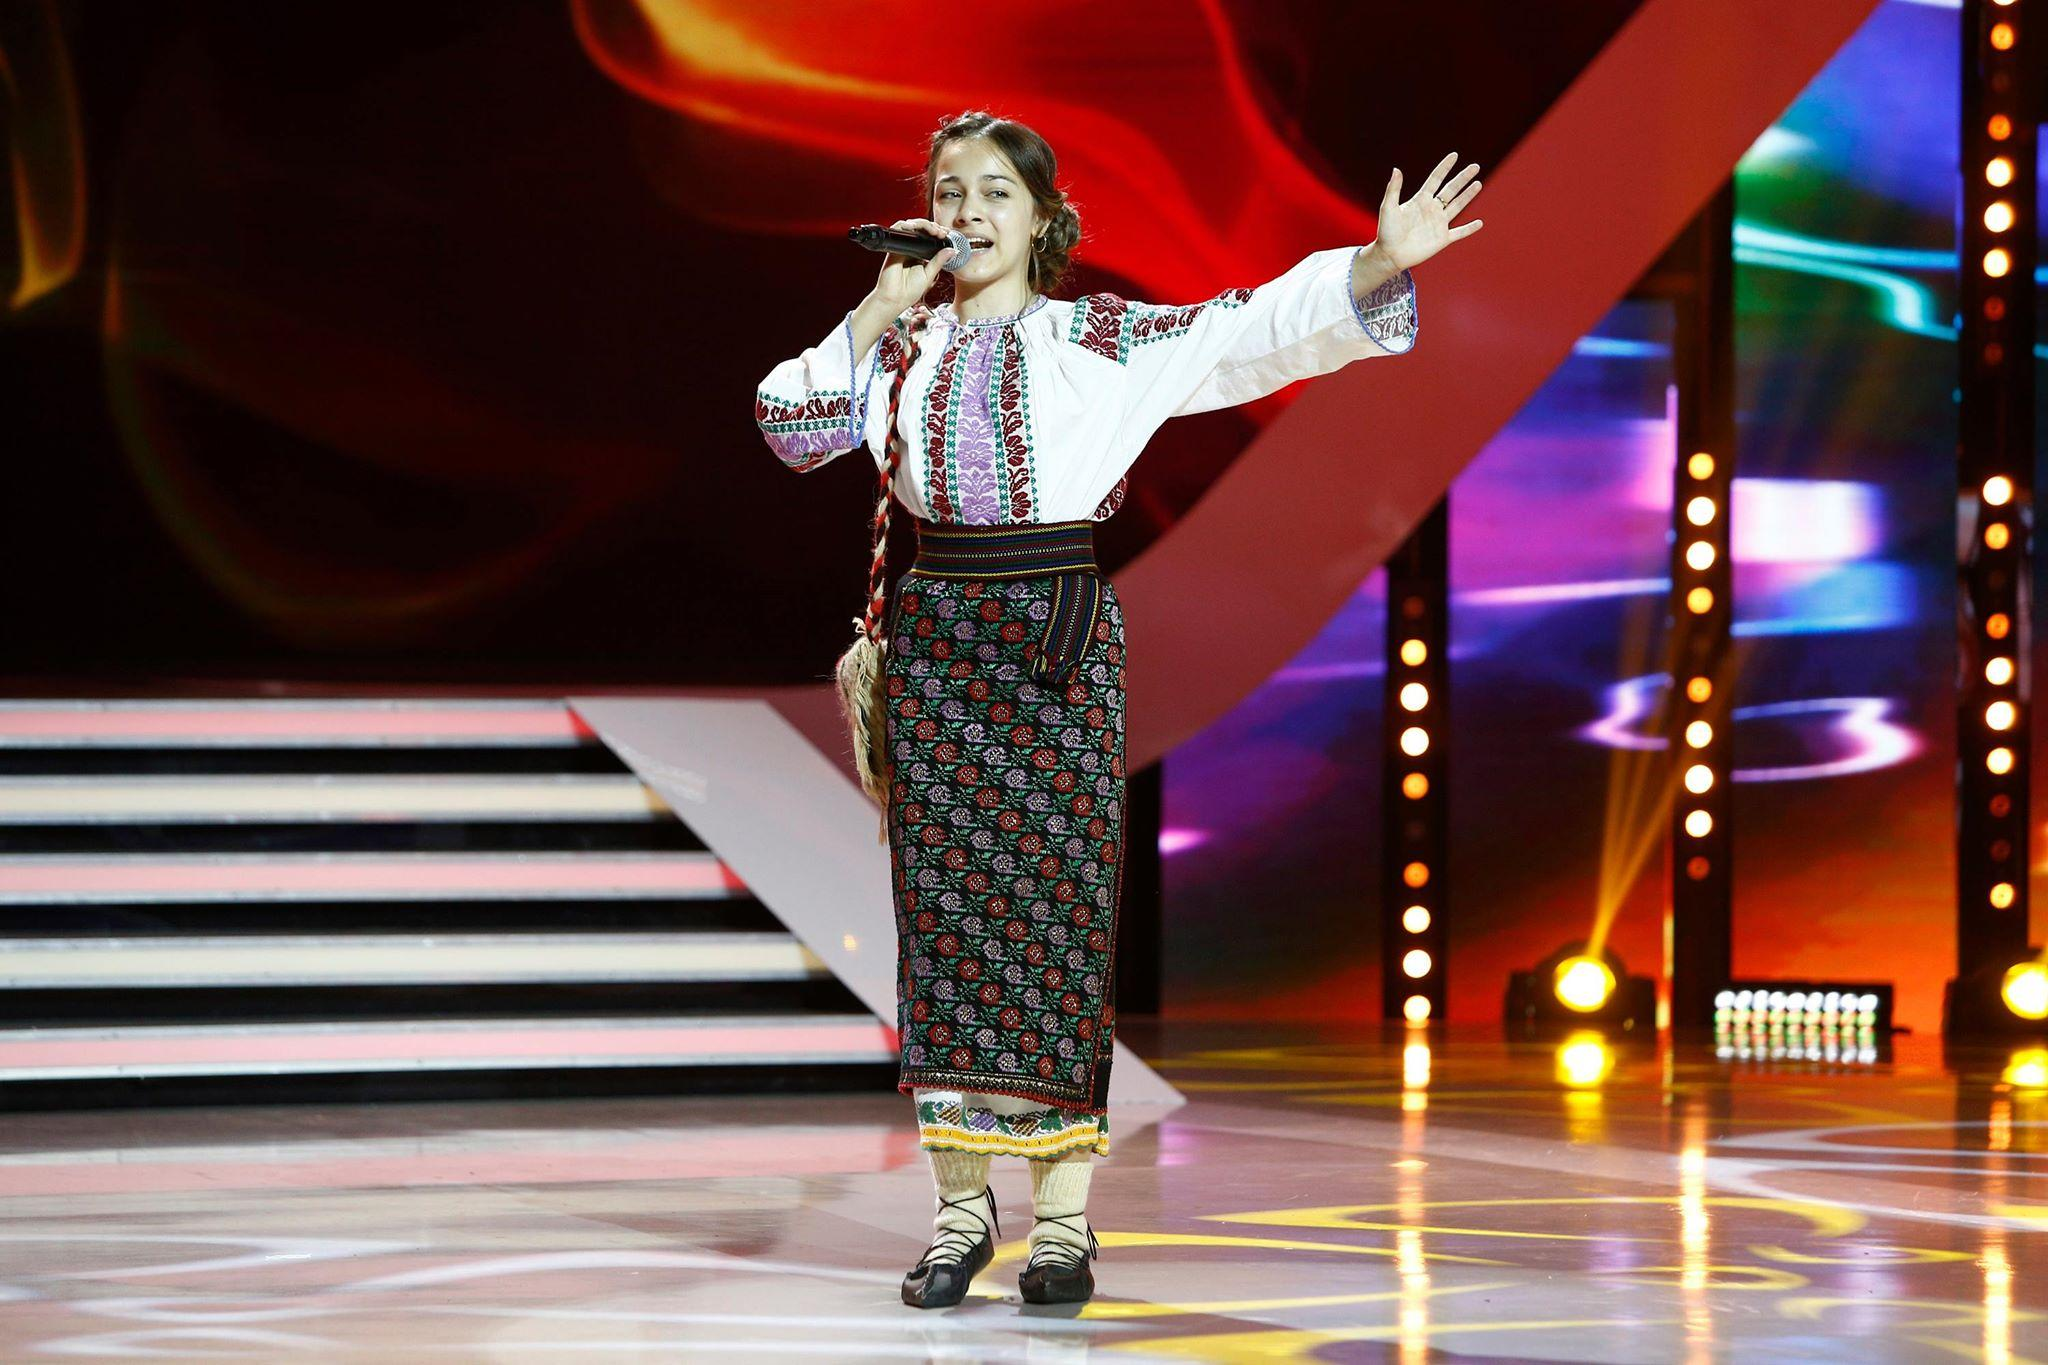 O poveste de viață, un glas cum n-ați mai auzit! Diana, o moldoveancă frumoasă, care a adus veselia românească pe scena Next Star!